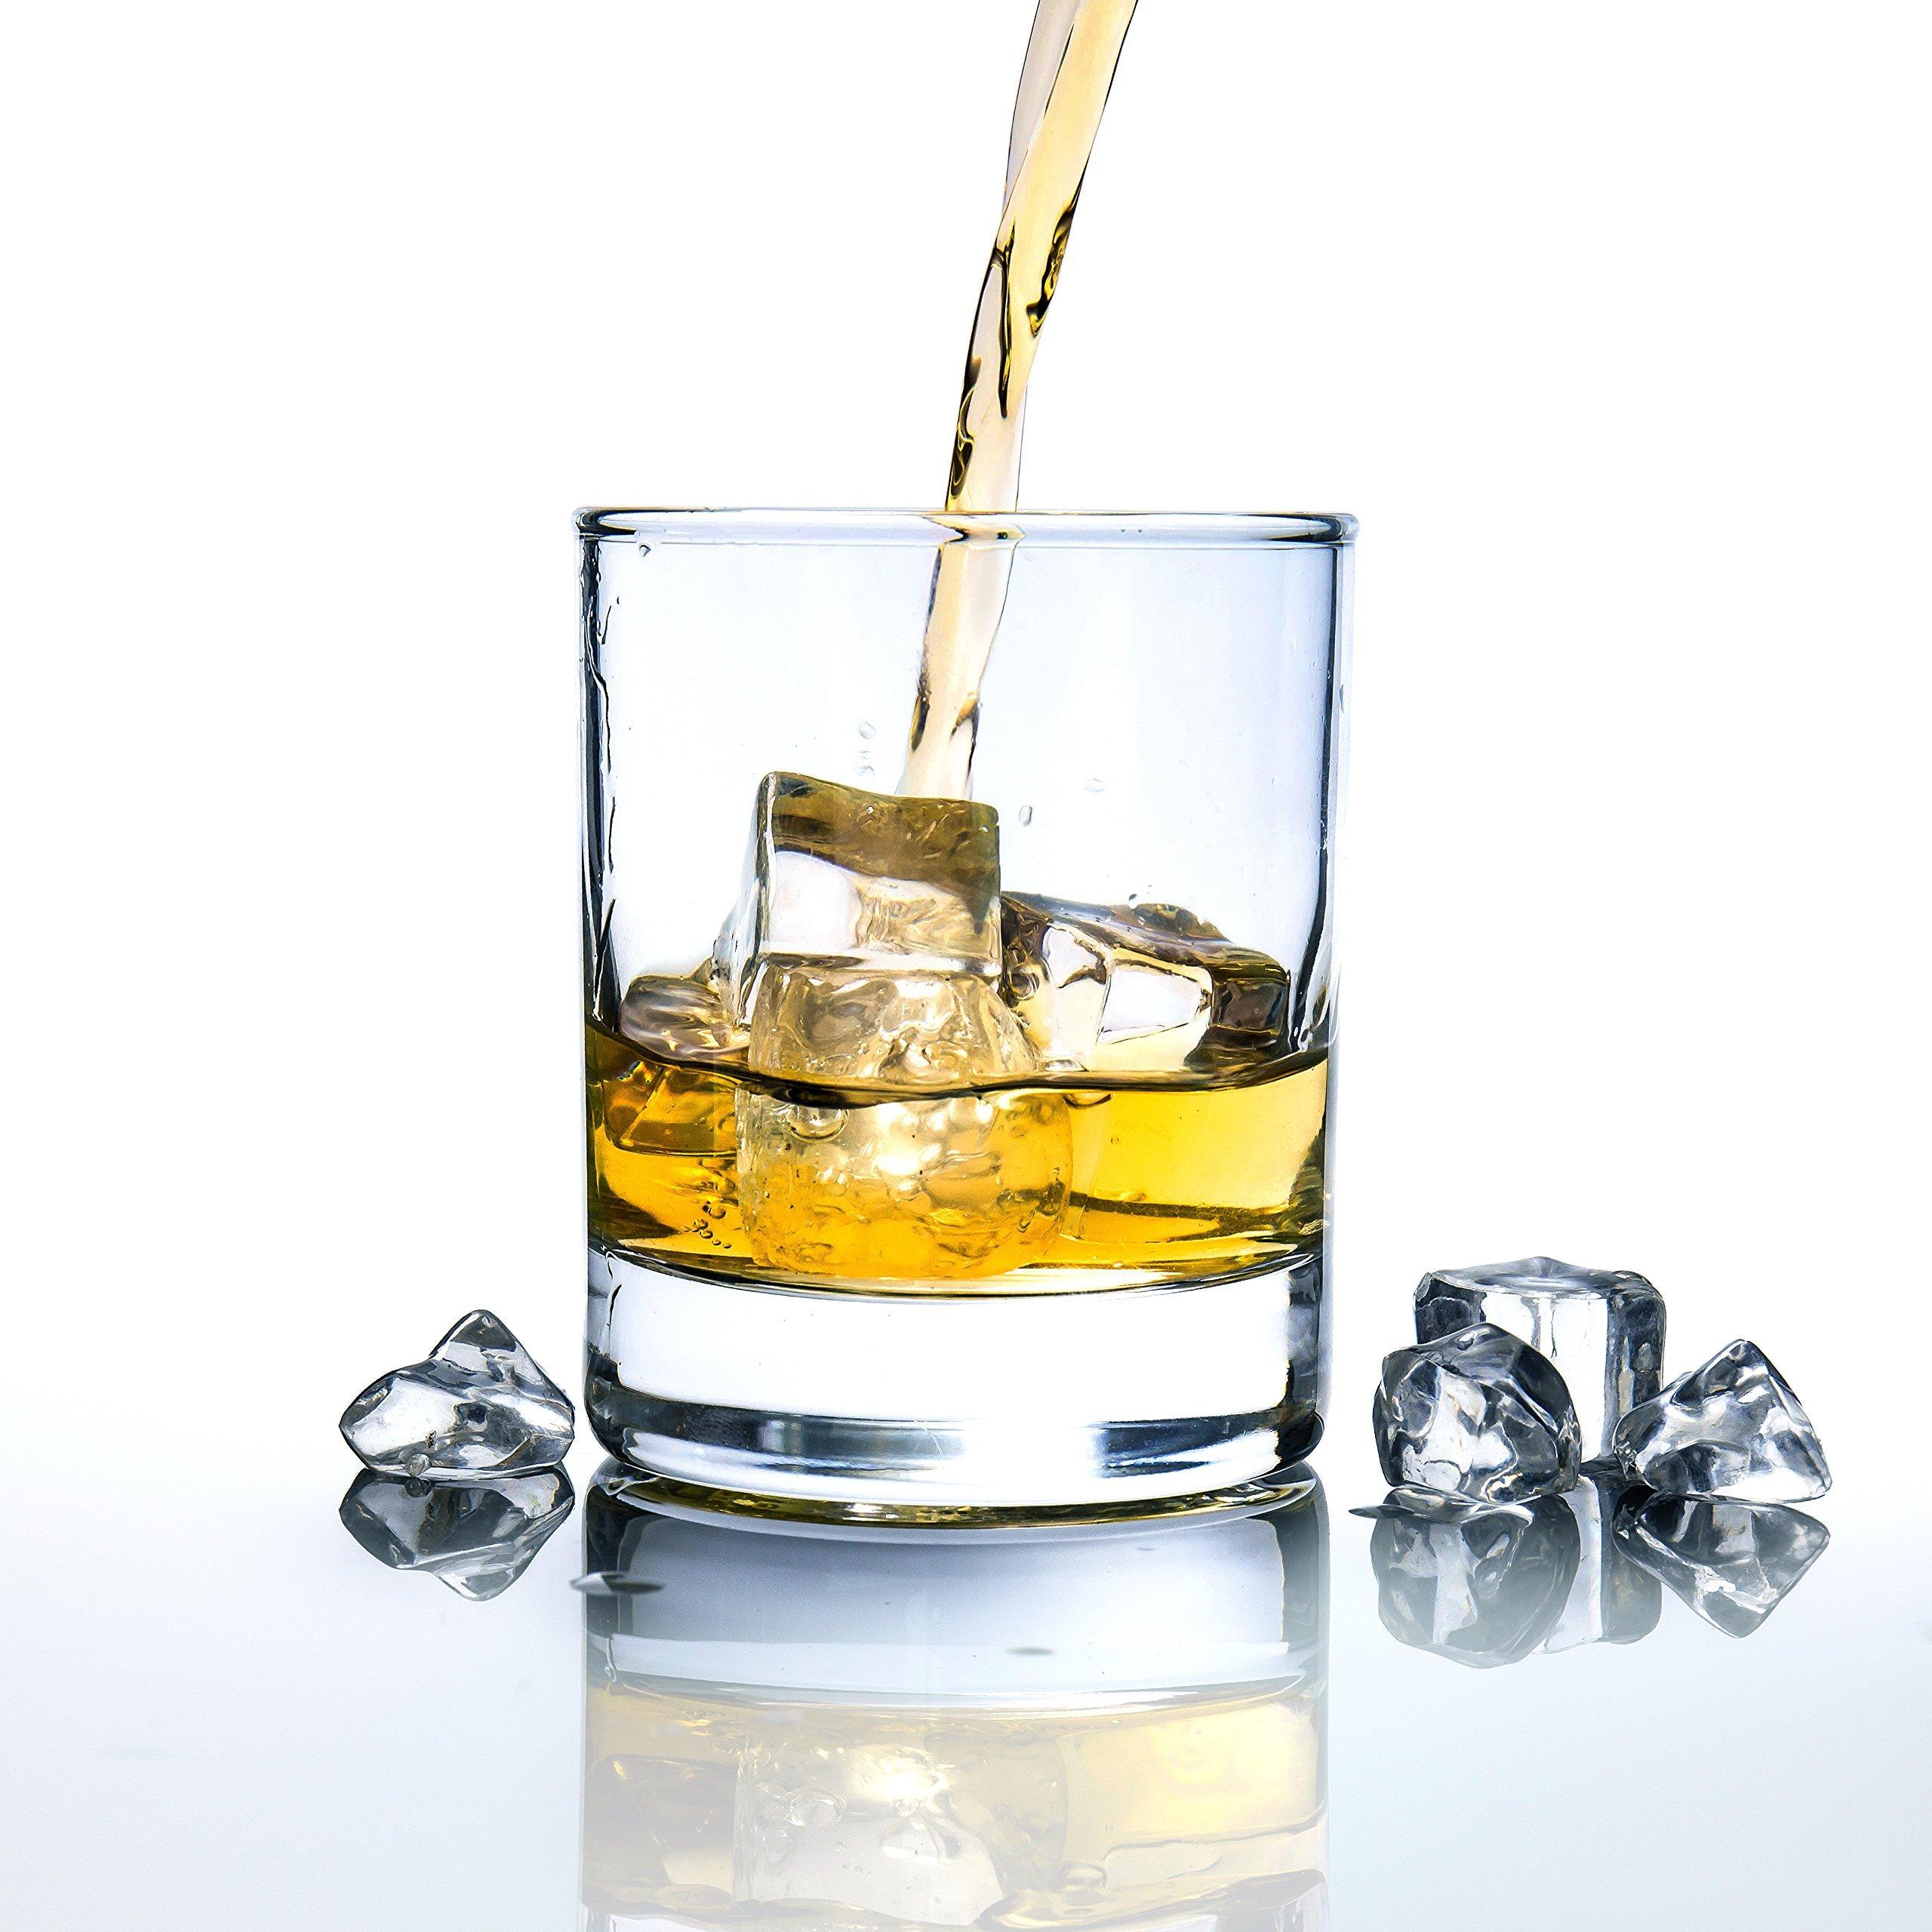 BIGA 10 oz Heavy Base Old-Fashioned Vodka/Scotch/Whiskey Glasses, Set of 6, Clear